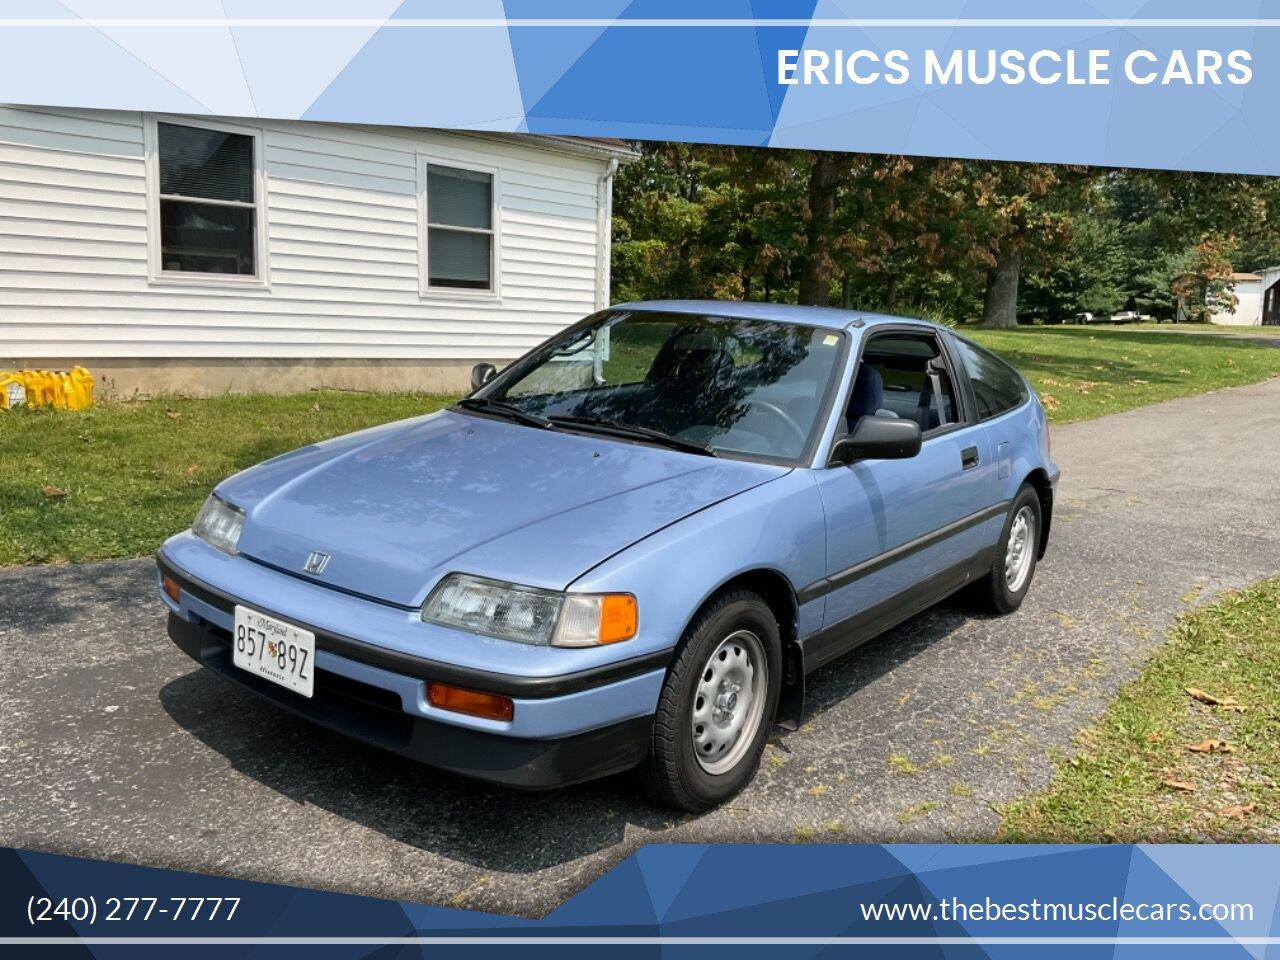 1989 Honda Civic CRX